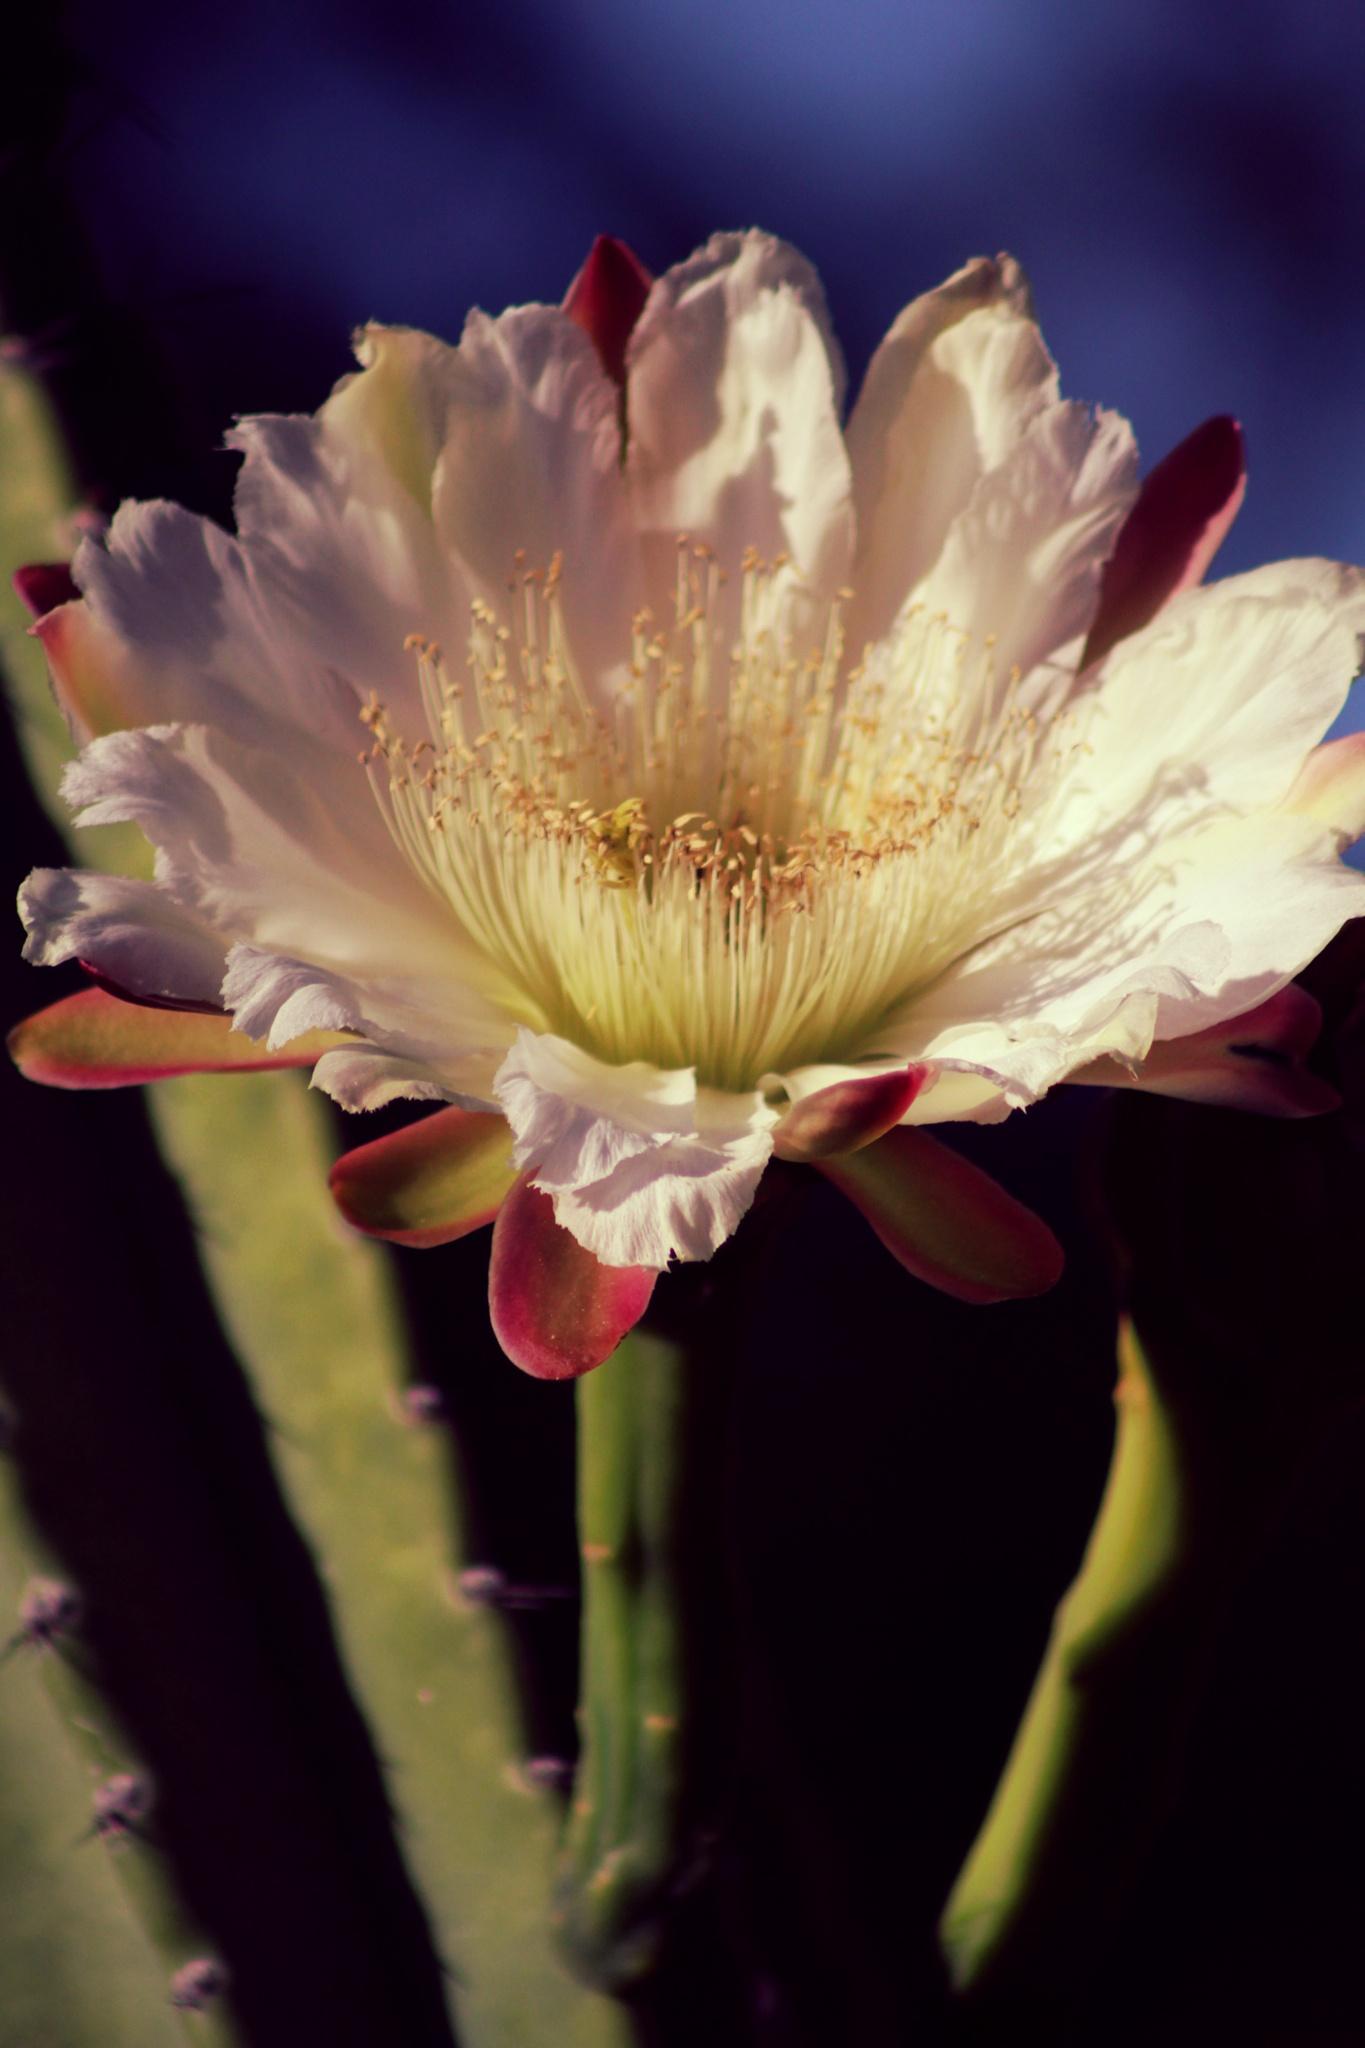 Blooming Up by Tina Shragal